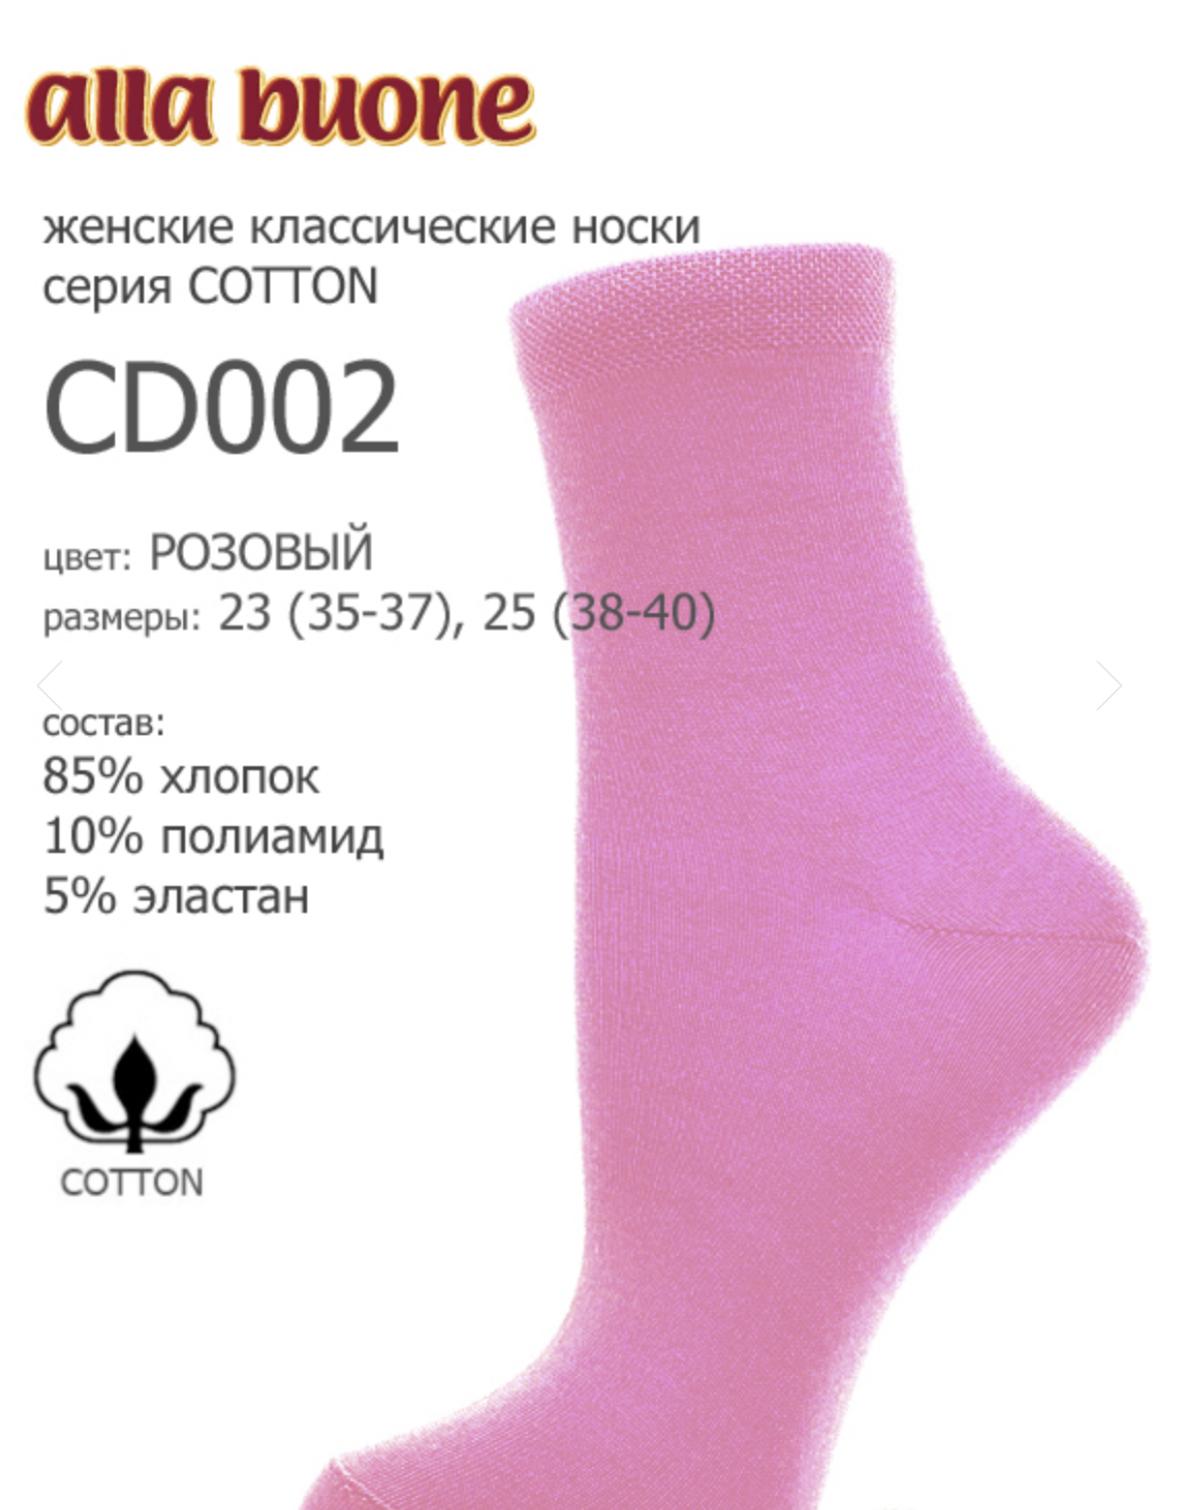 Носки женские ALLA BUONE CD002